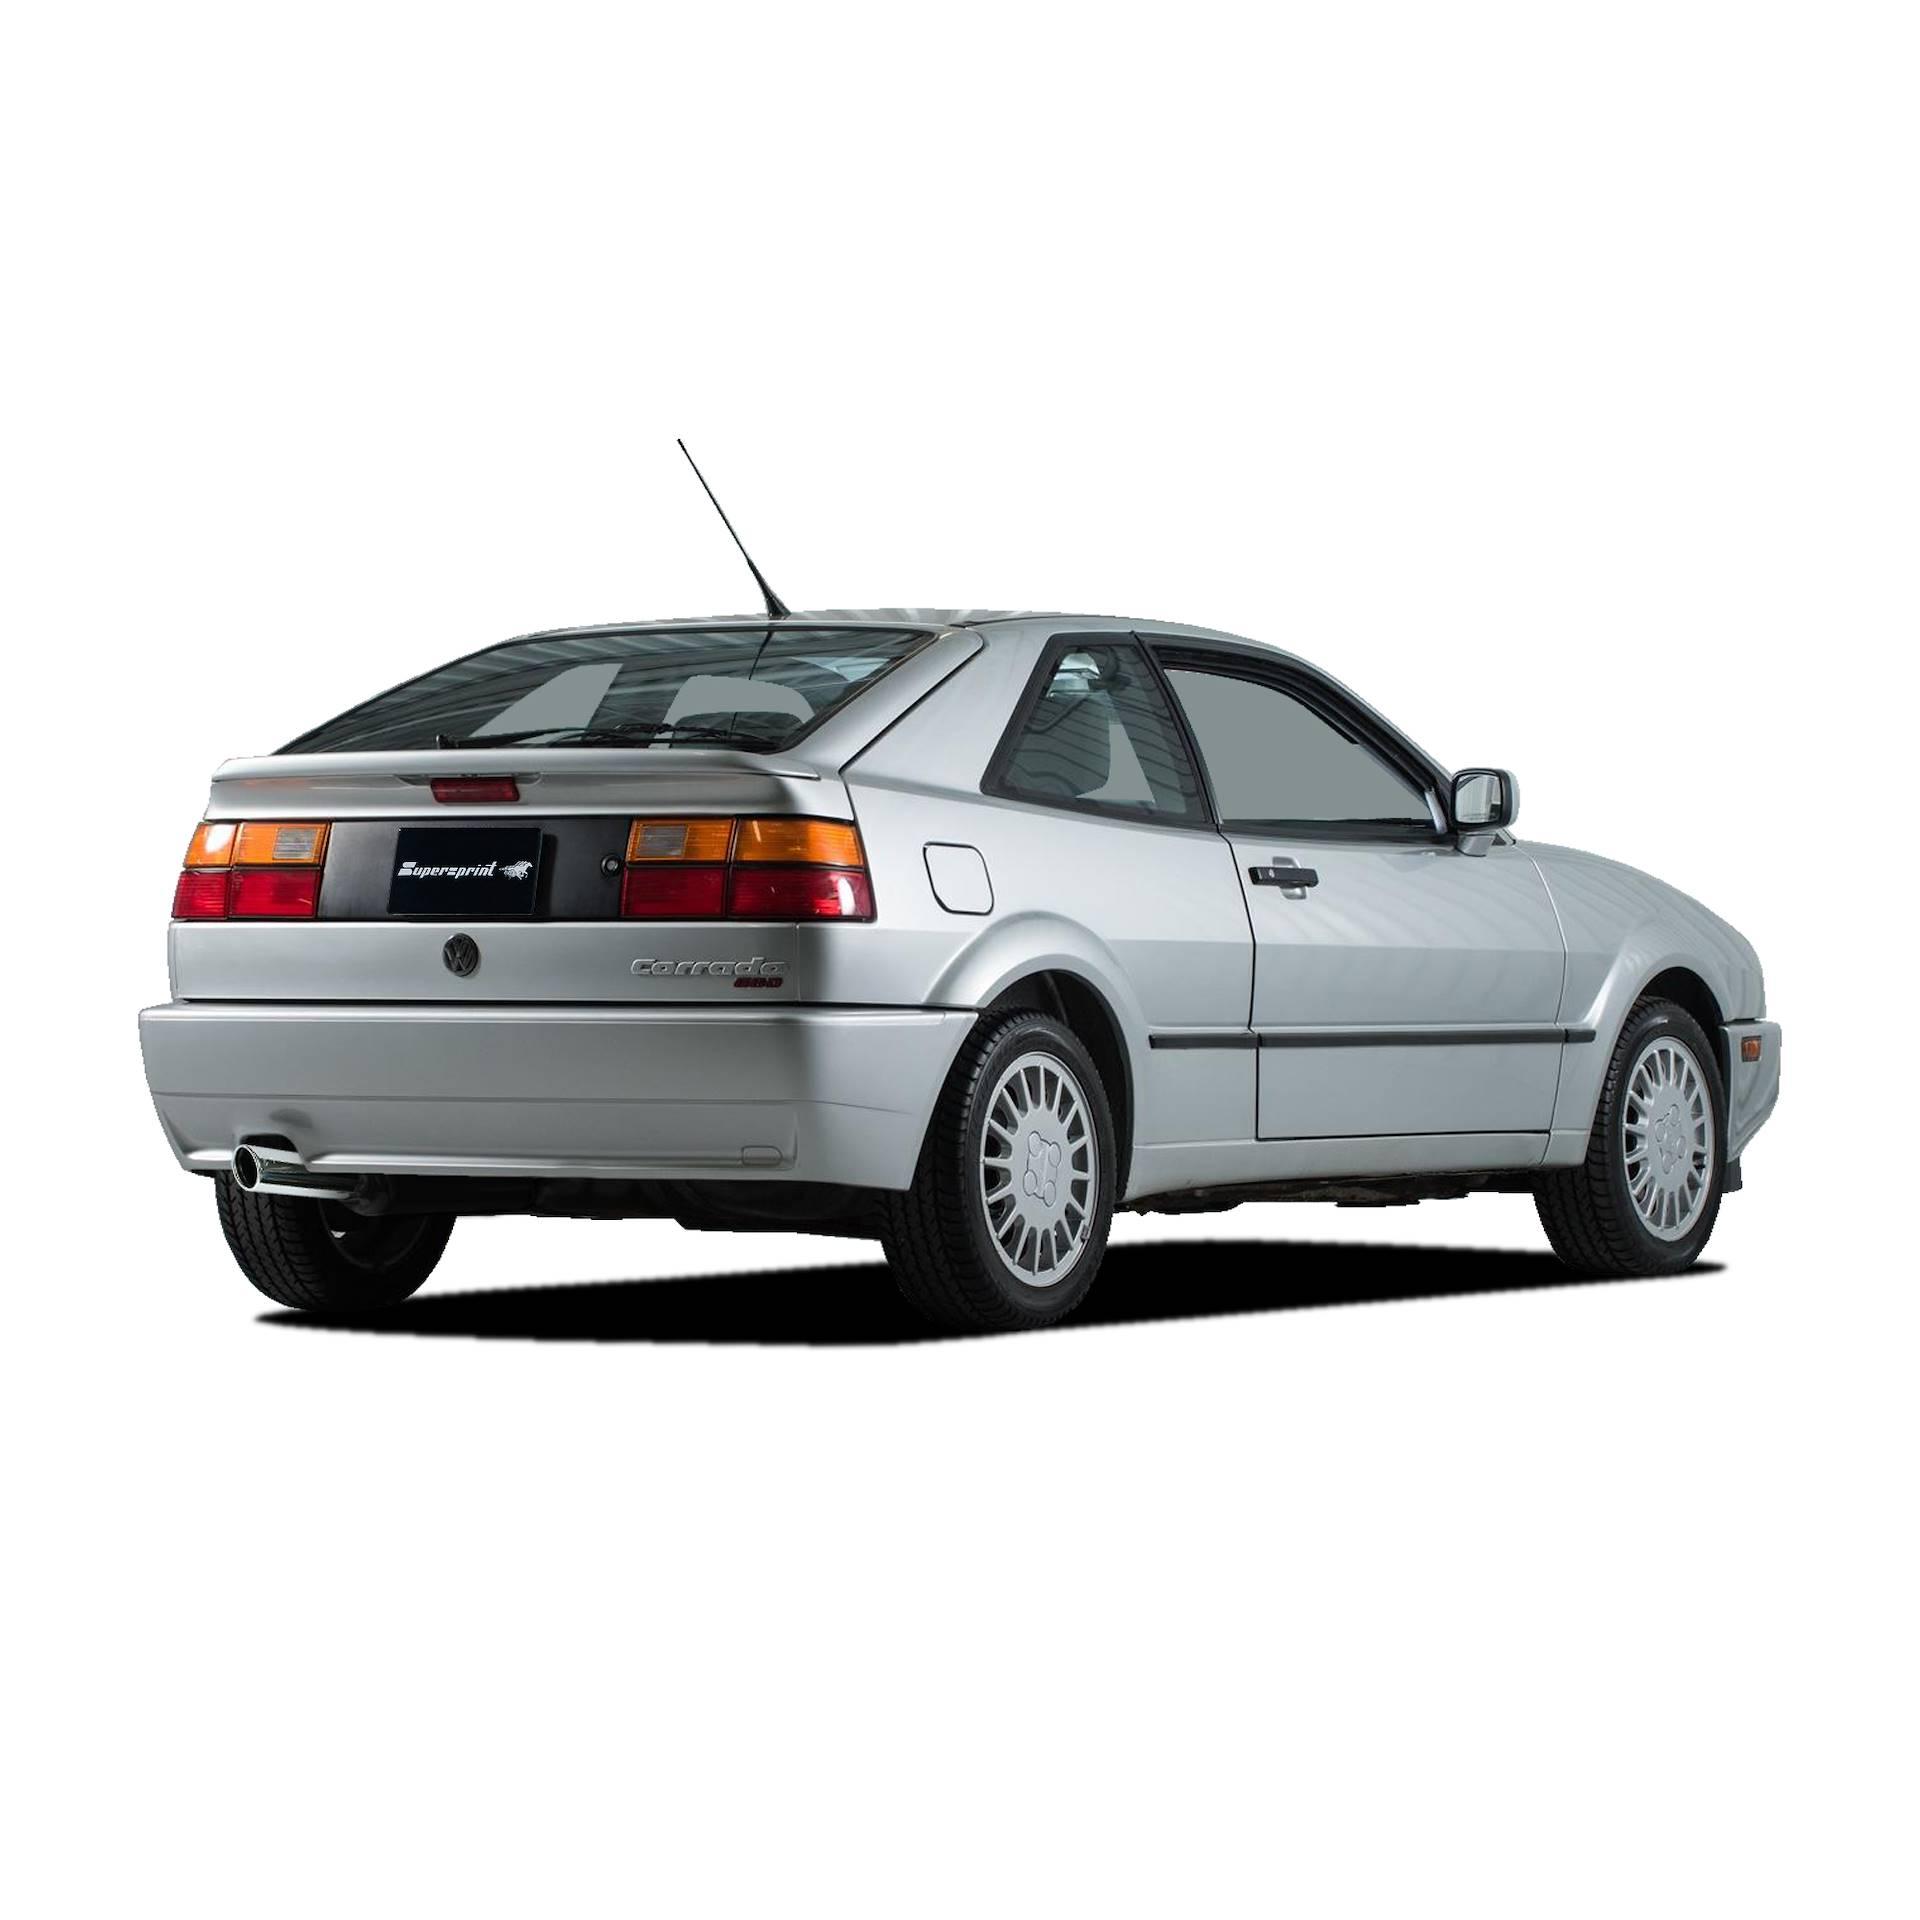 Sportauspuff Anlage Für VW CORRADO G60, VW CORRADO 1.8 G60